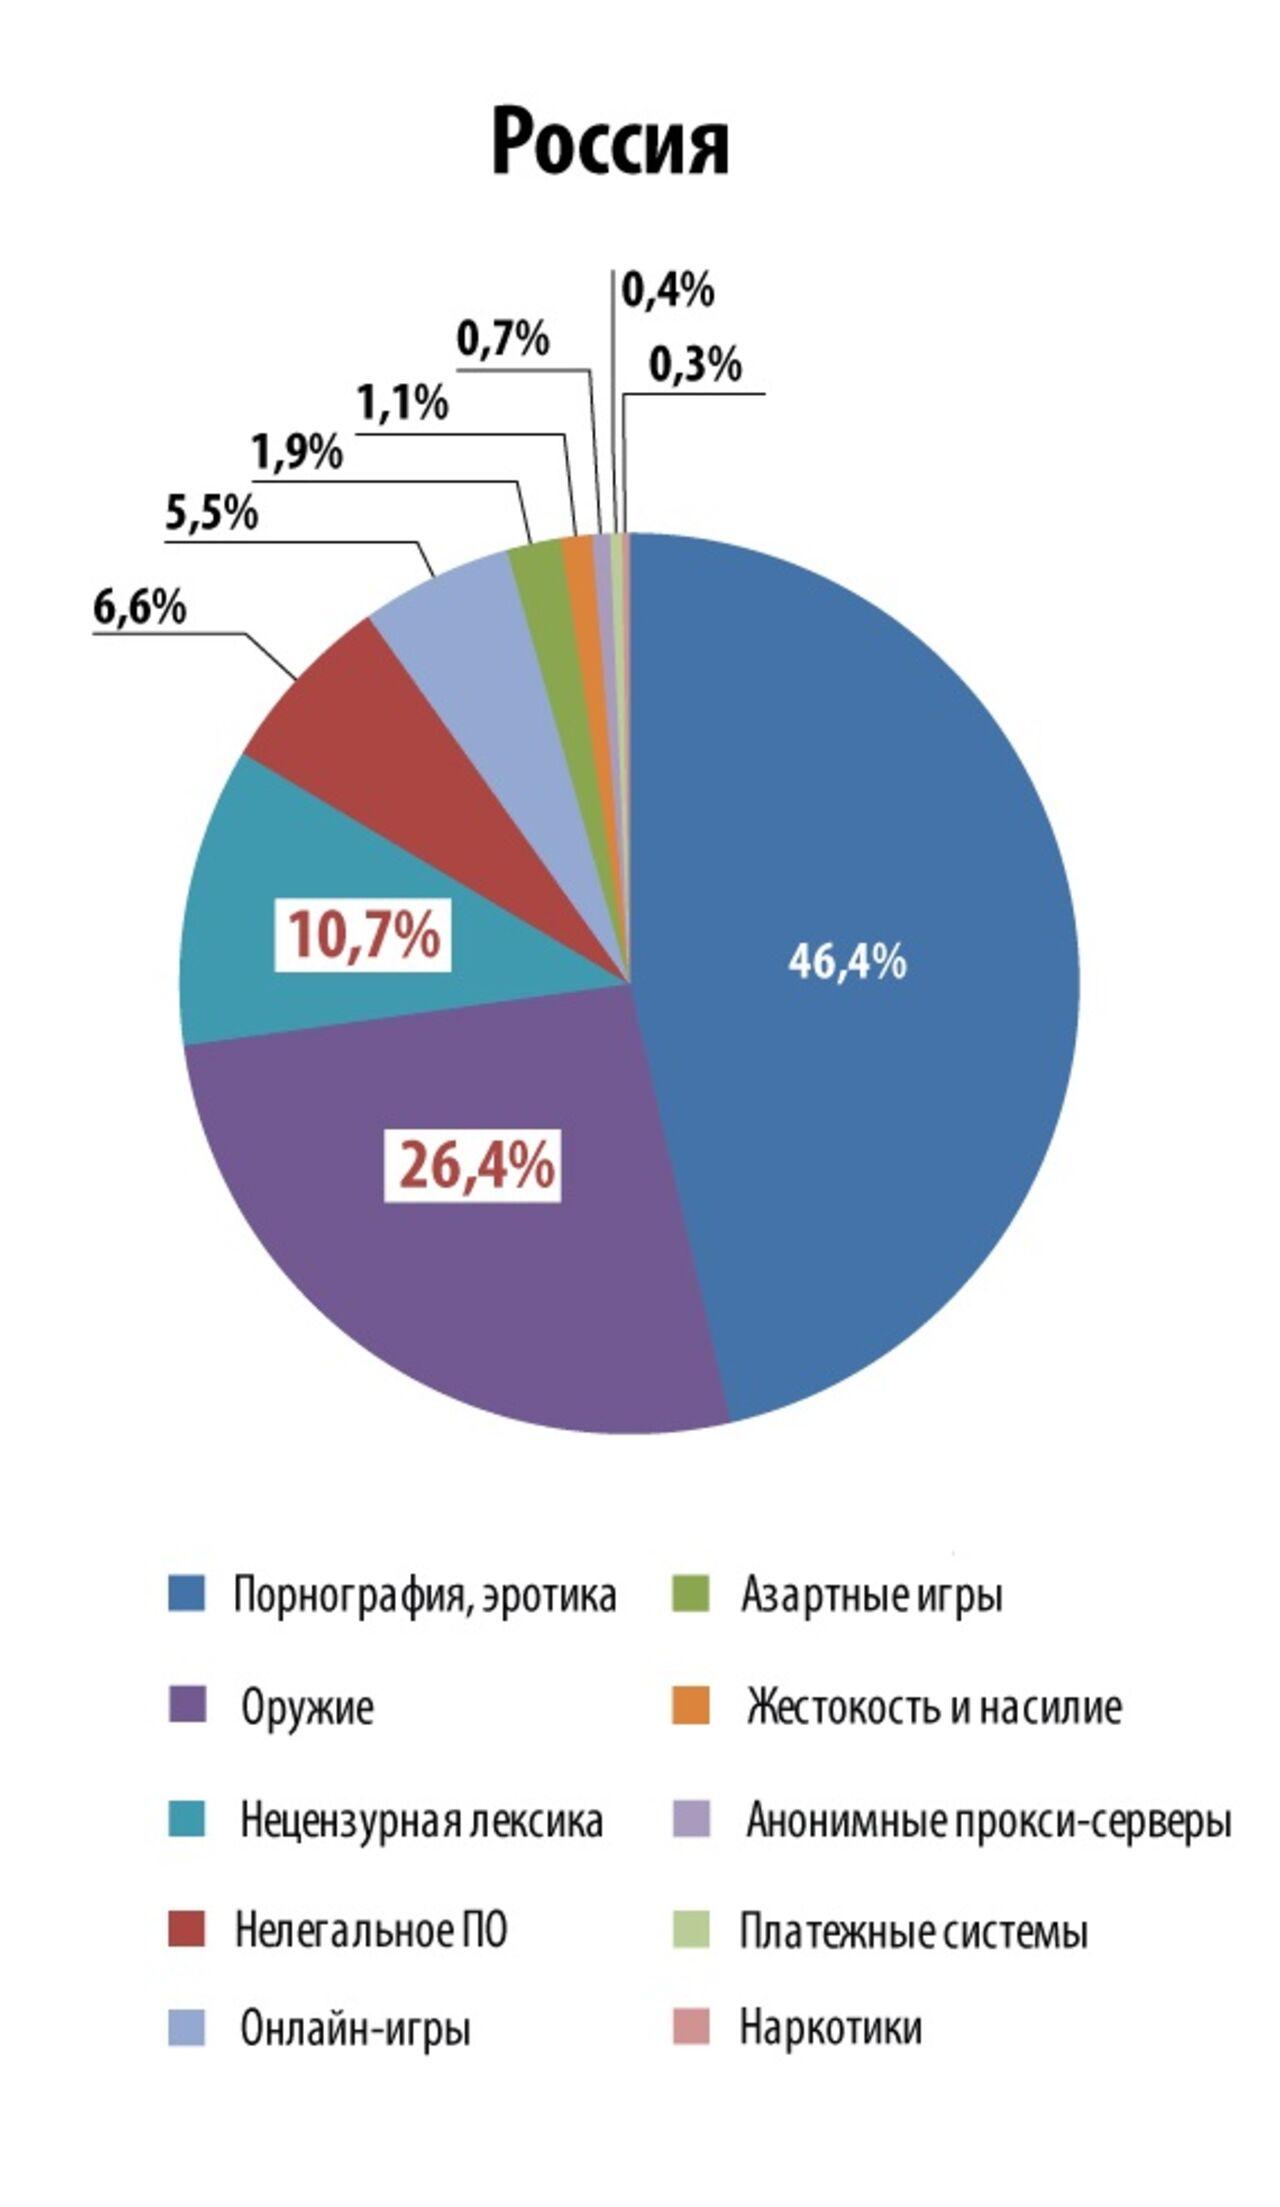 Российский интернет-сайтов порно